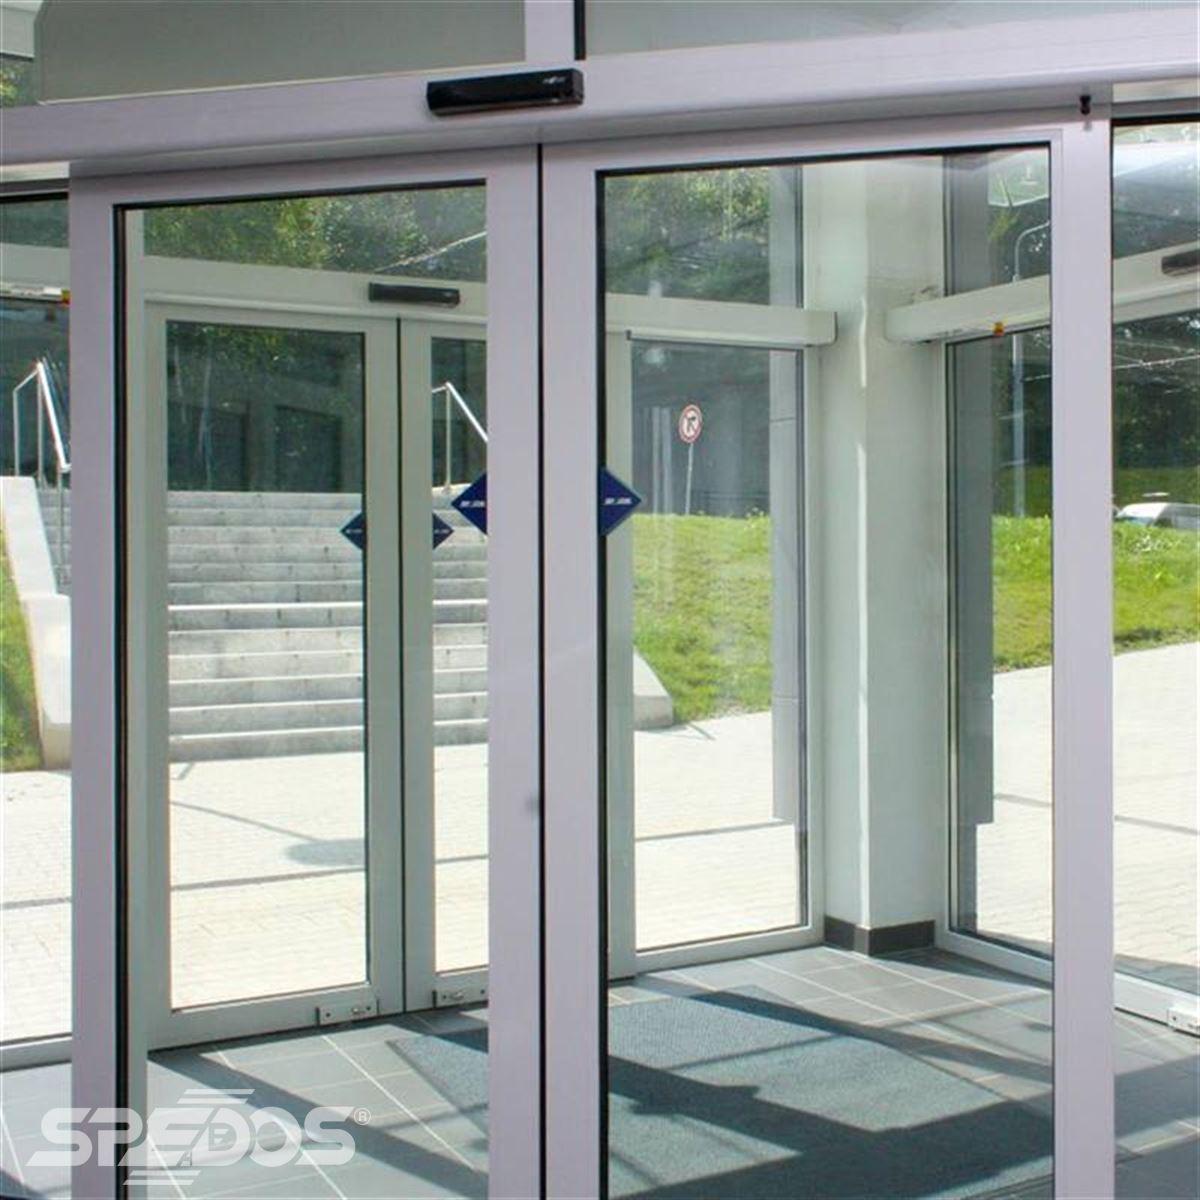 Dvoukřídlé automatické dveře posuvné v Žilinské univerzitě 4